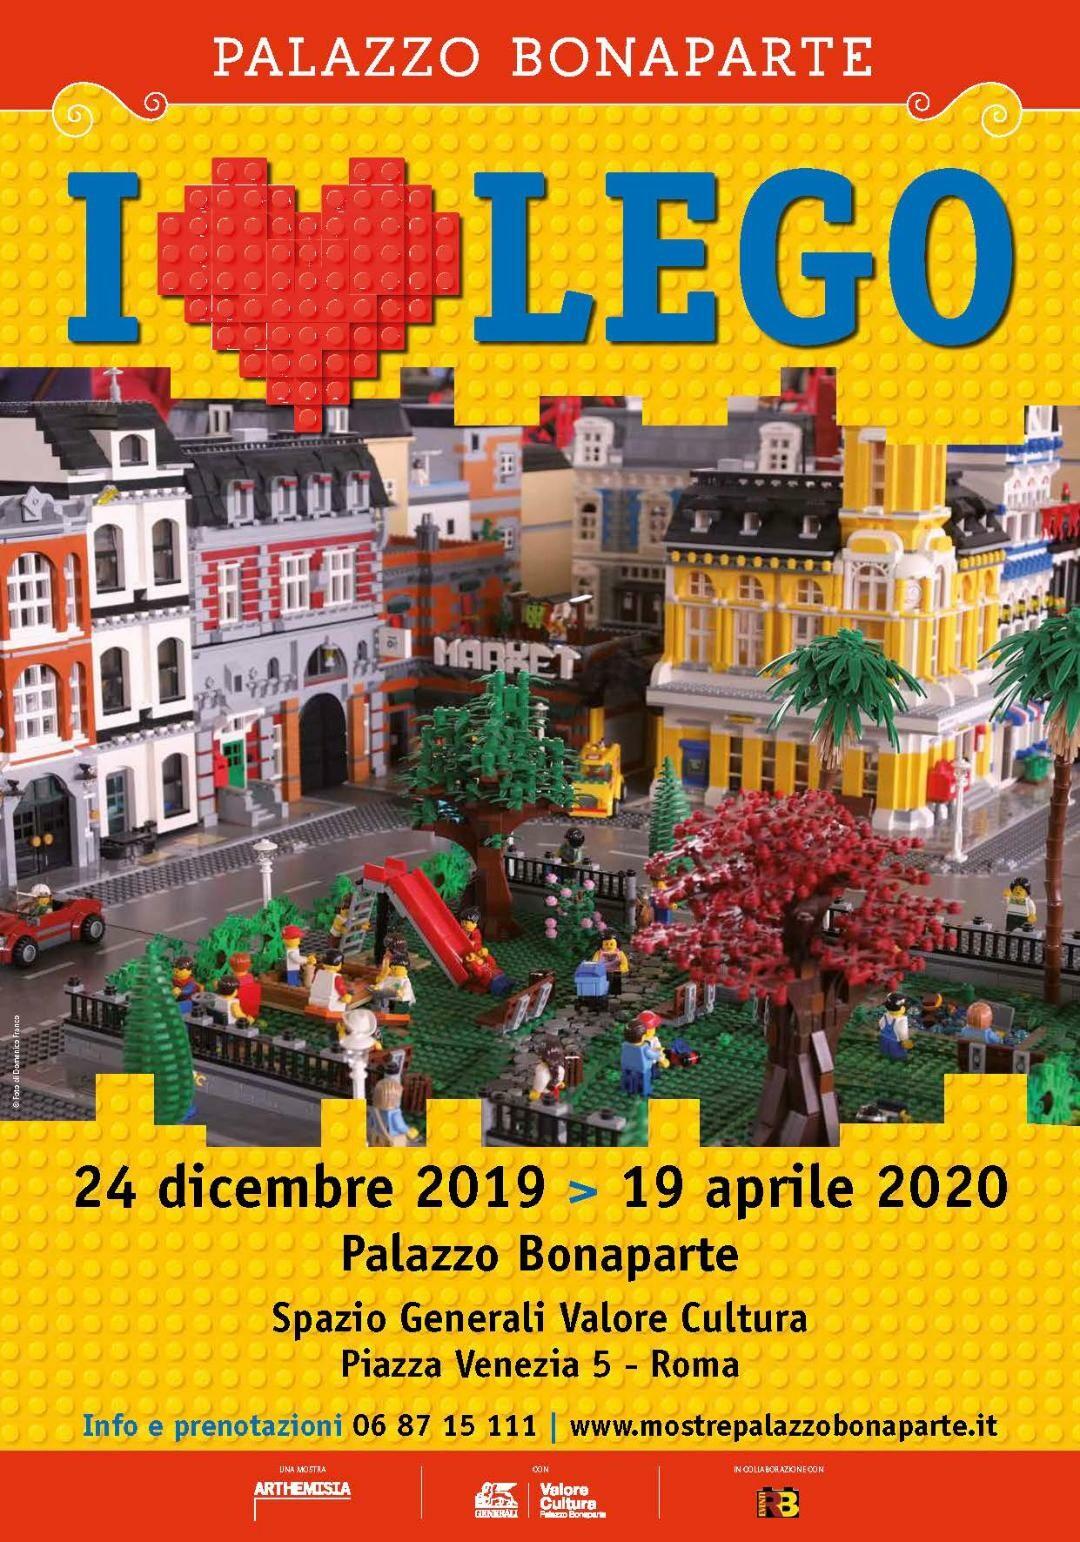 ARRIVA A ROMA > I LOVE LEGO > dal 24 dicembre 2019 a Palazzo Bonaparte